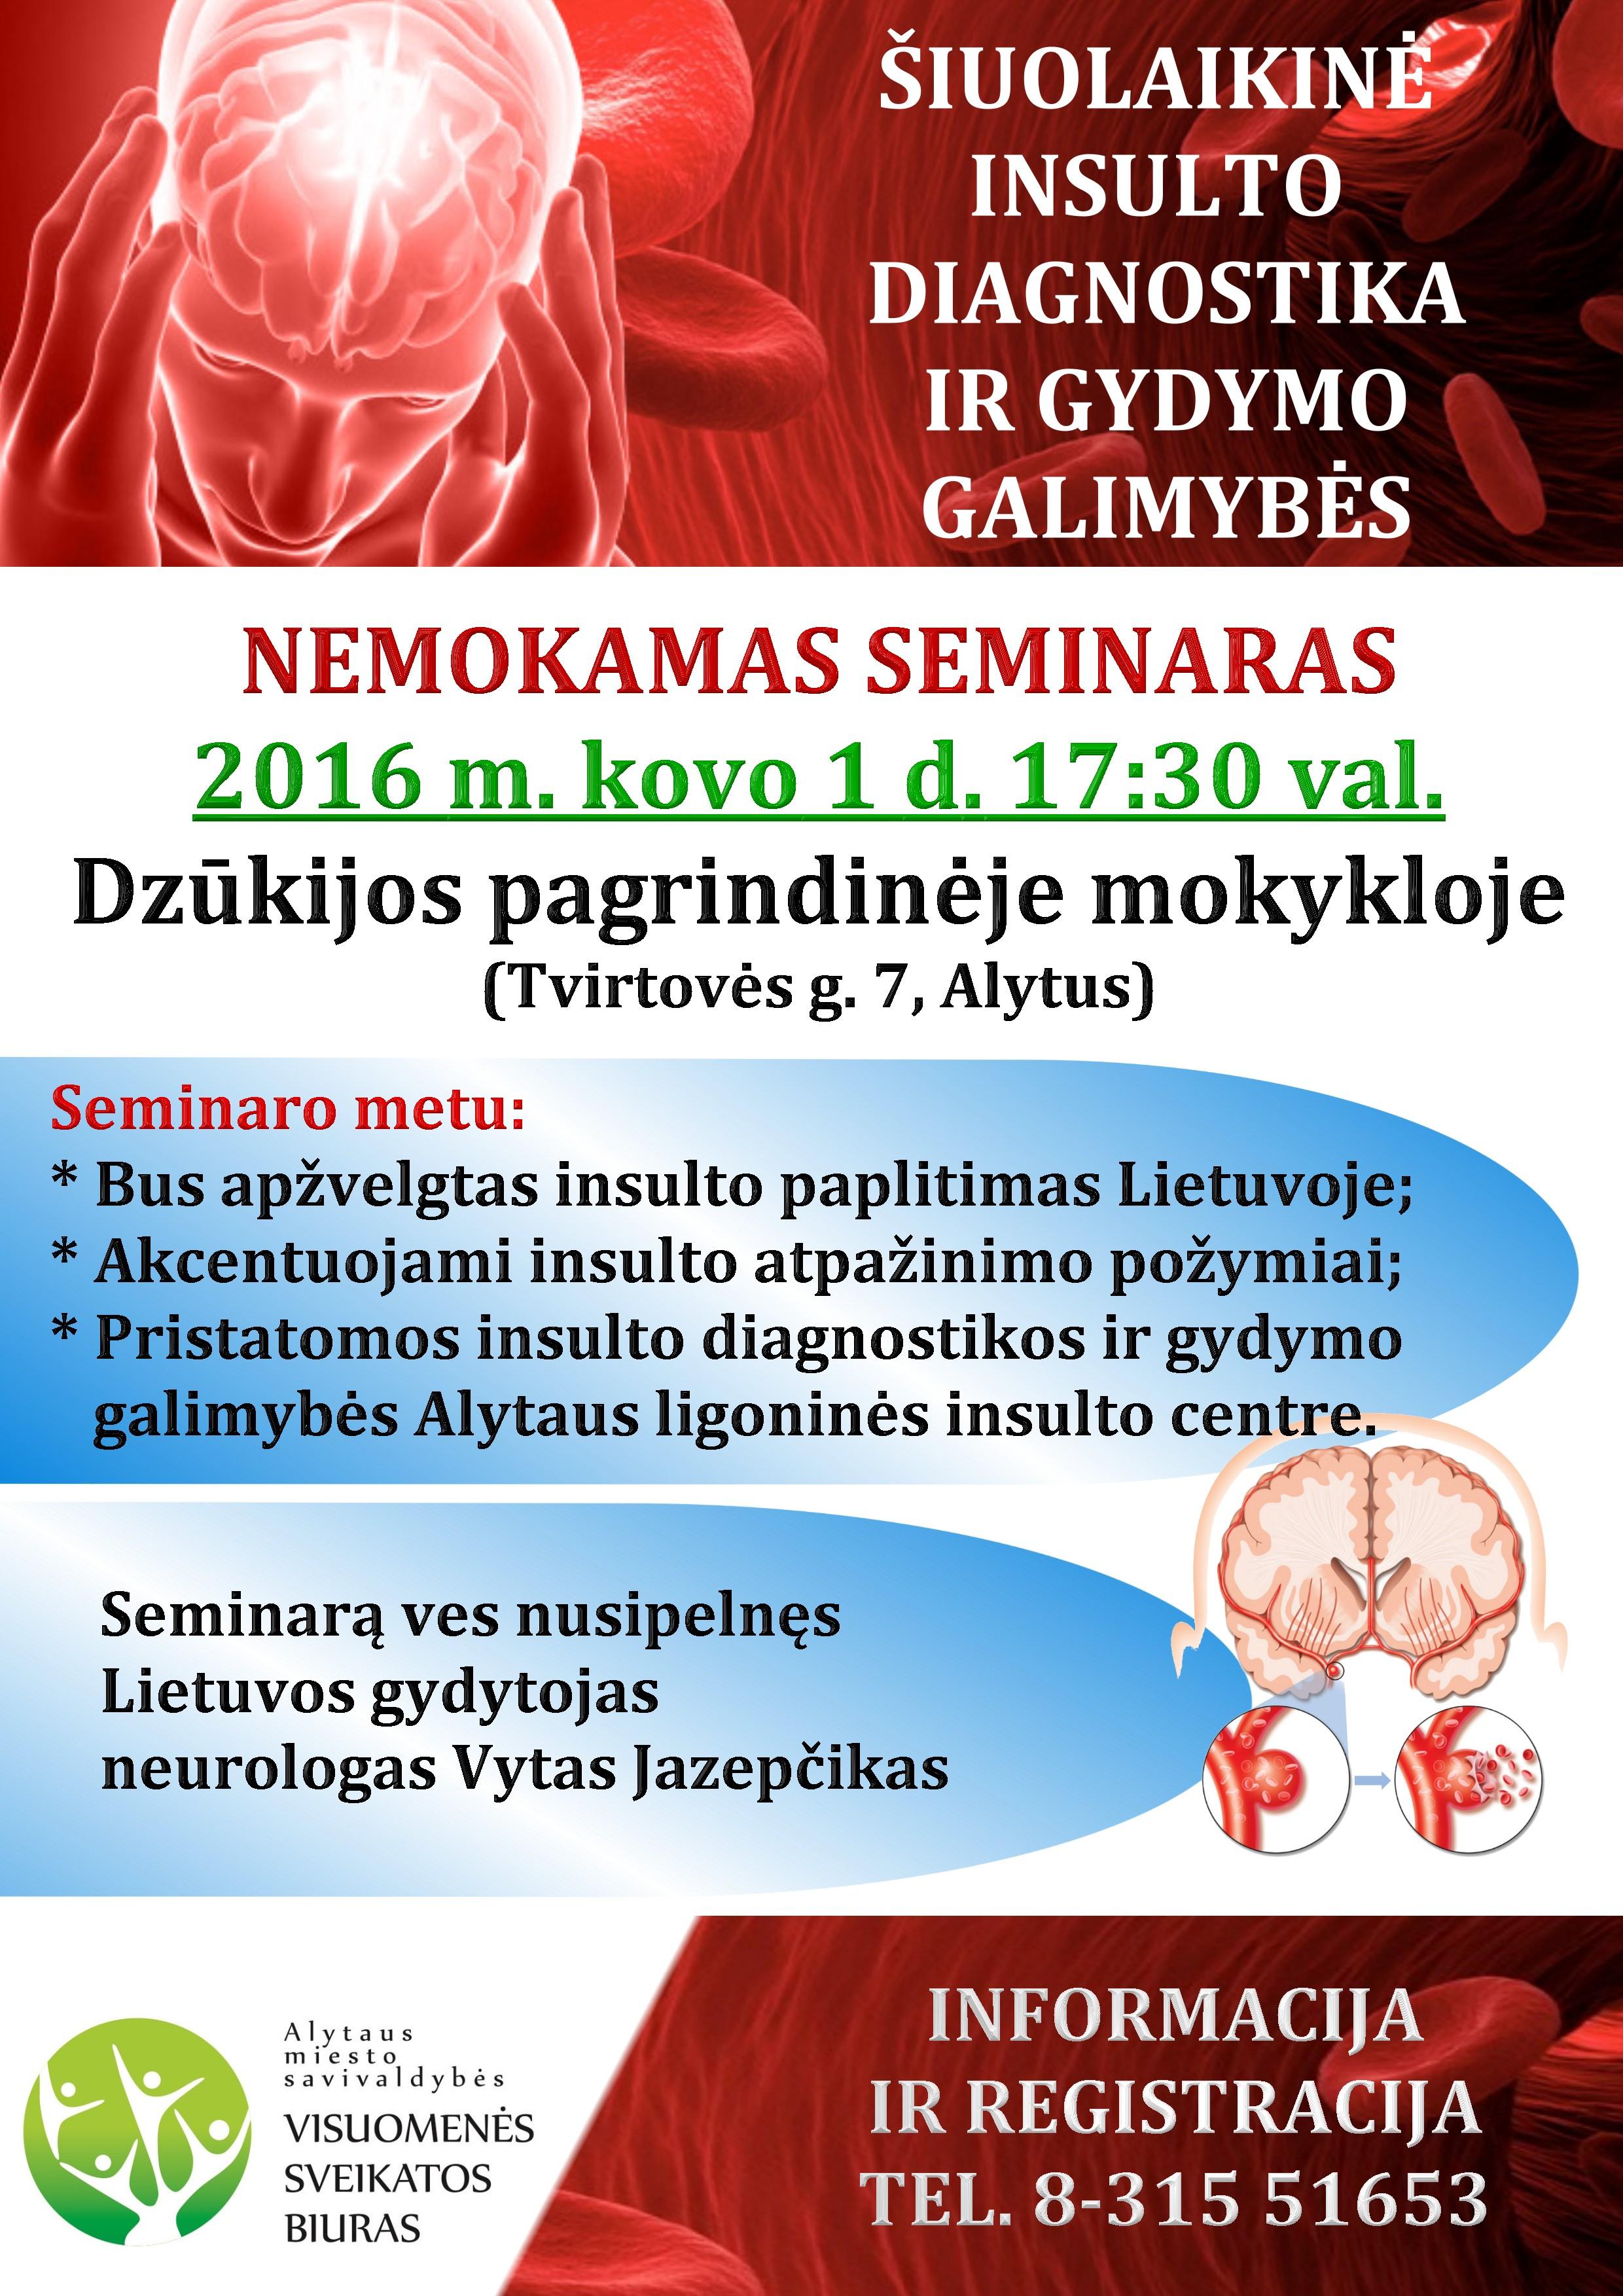 Arterinė hipertenzija ir centrinės nervų sistemos pažeidimai: neurologo požiūris | vanagaite.lt